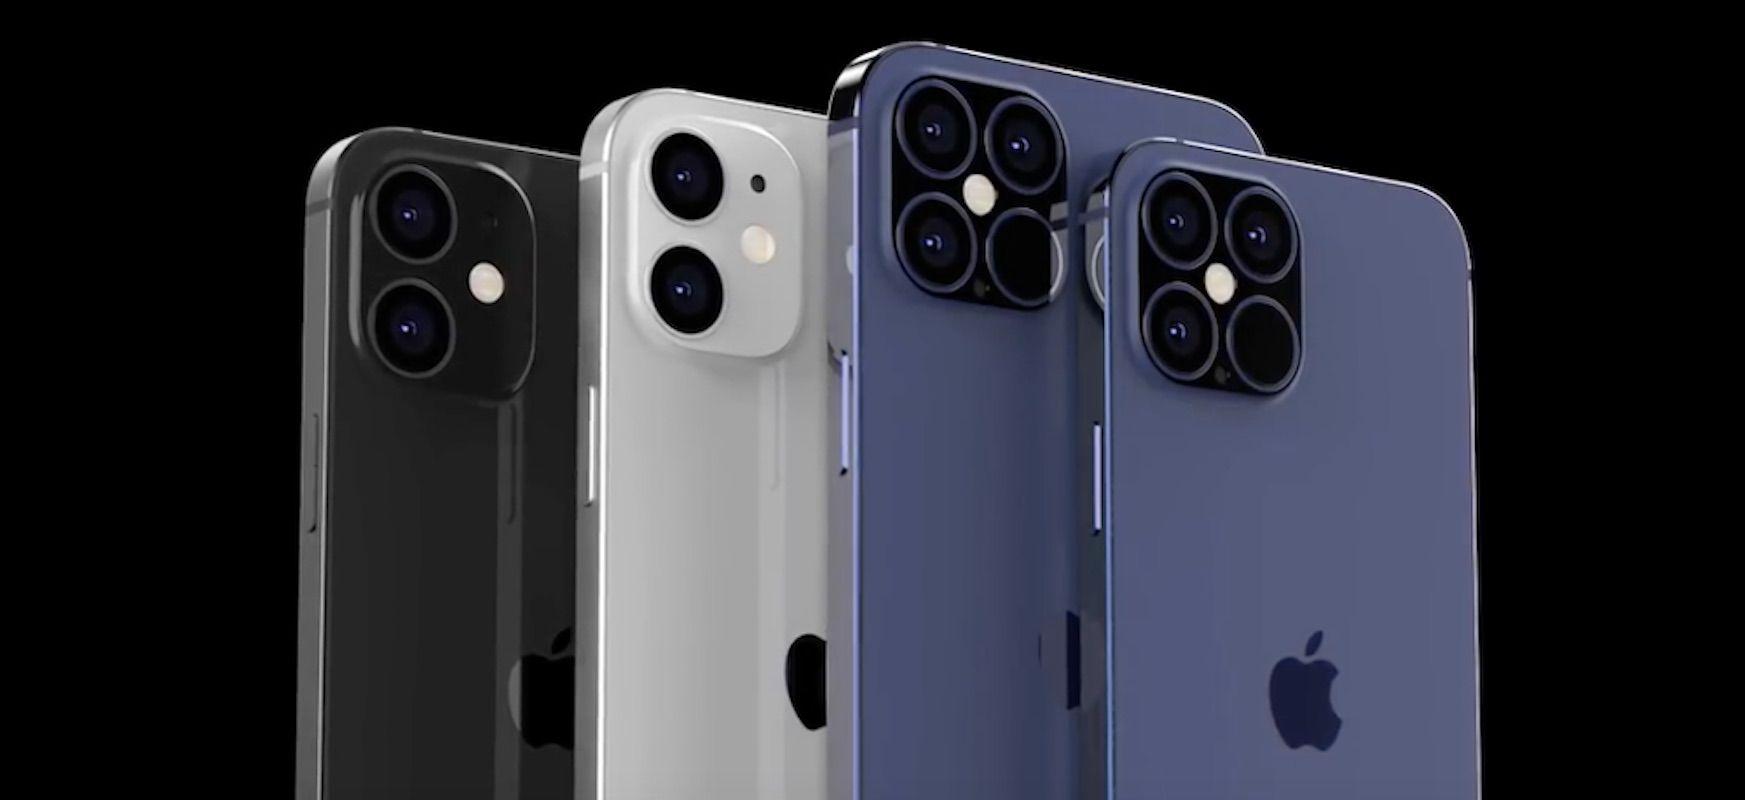 Porównanie wielkości iPhone'a 12 do iPhone'a SE i iPhone'a 7!